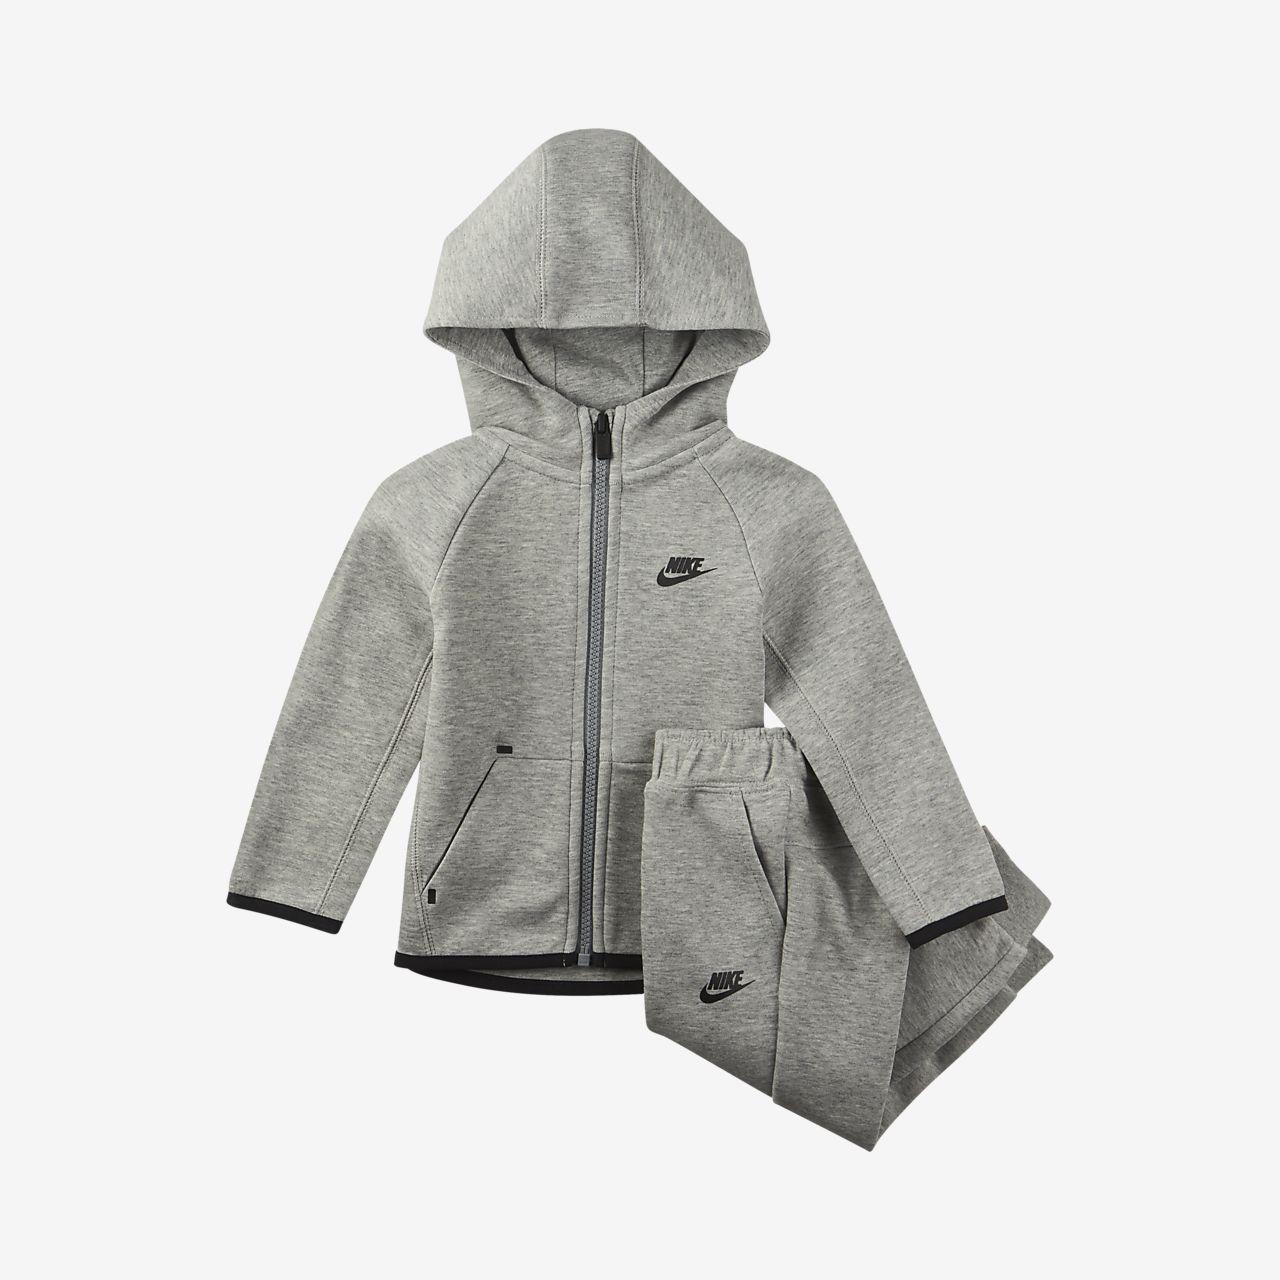 Nike Sportswear Tech Fleece Conjunt de dues peces - Nadó (12-24 M)